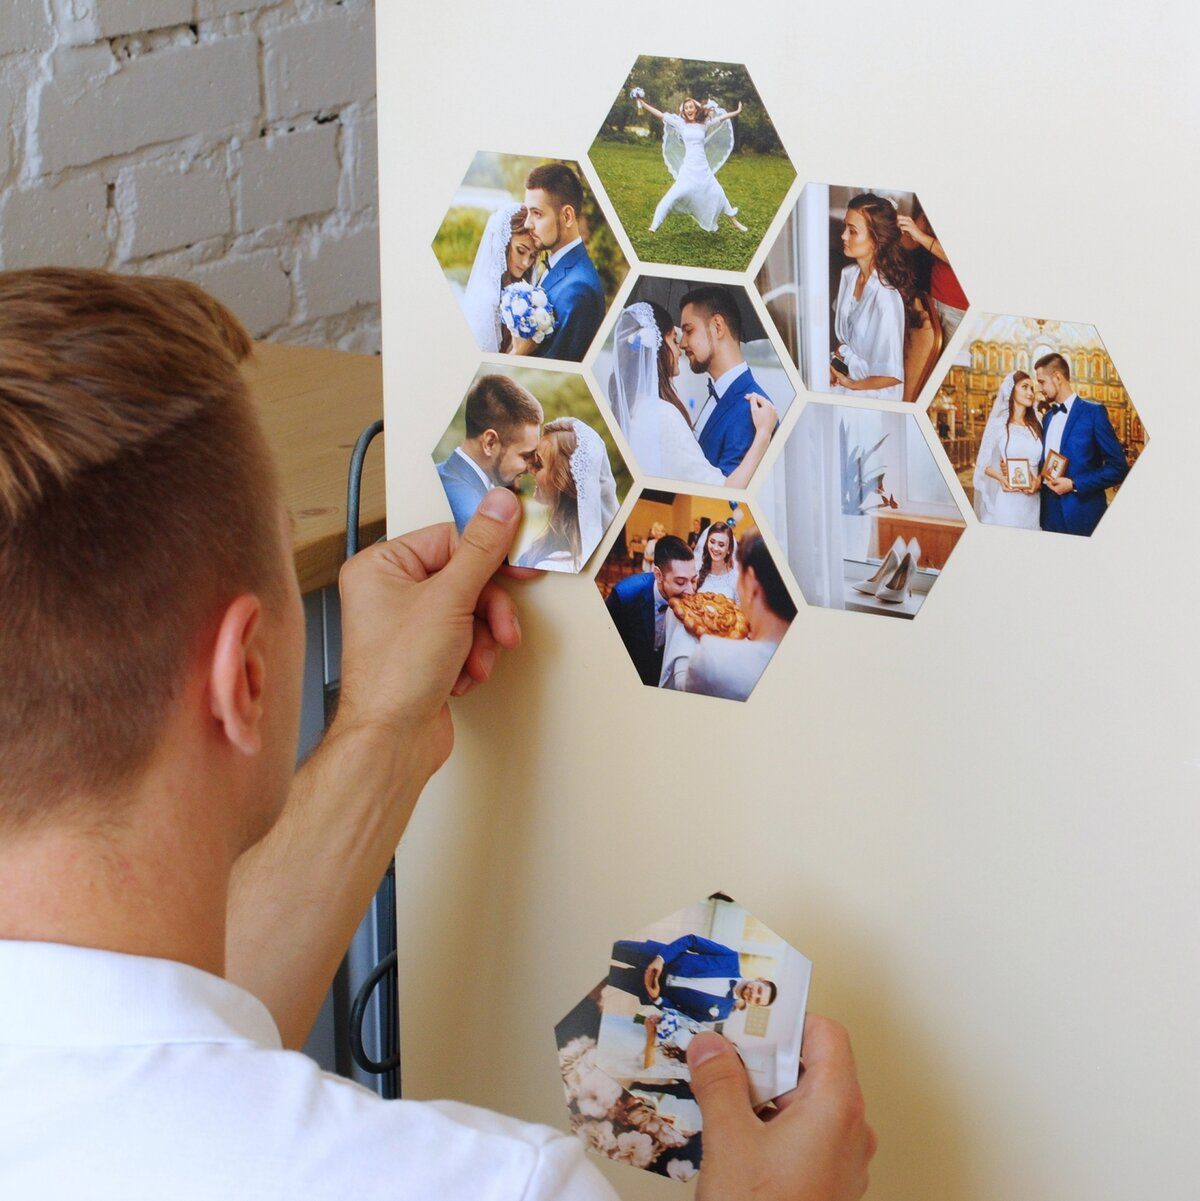 дух распечатка фотографий на стену предаются забвению